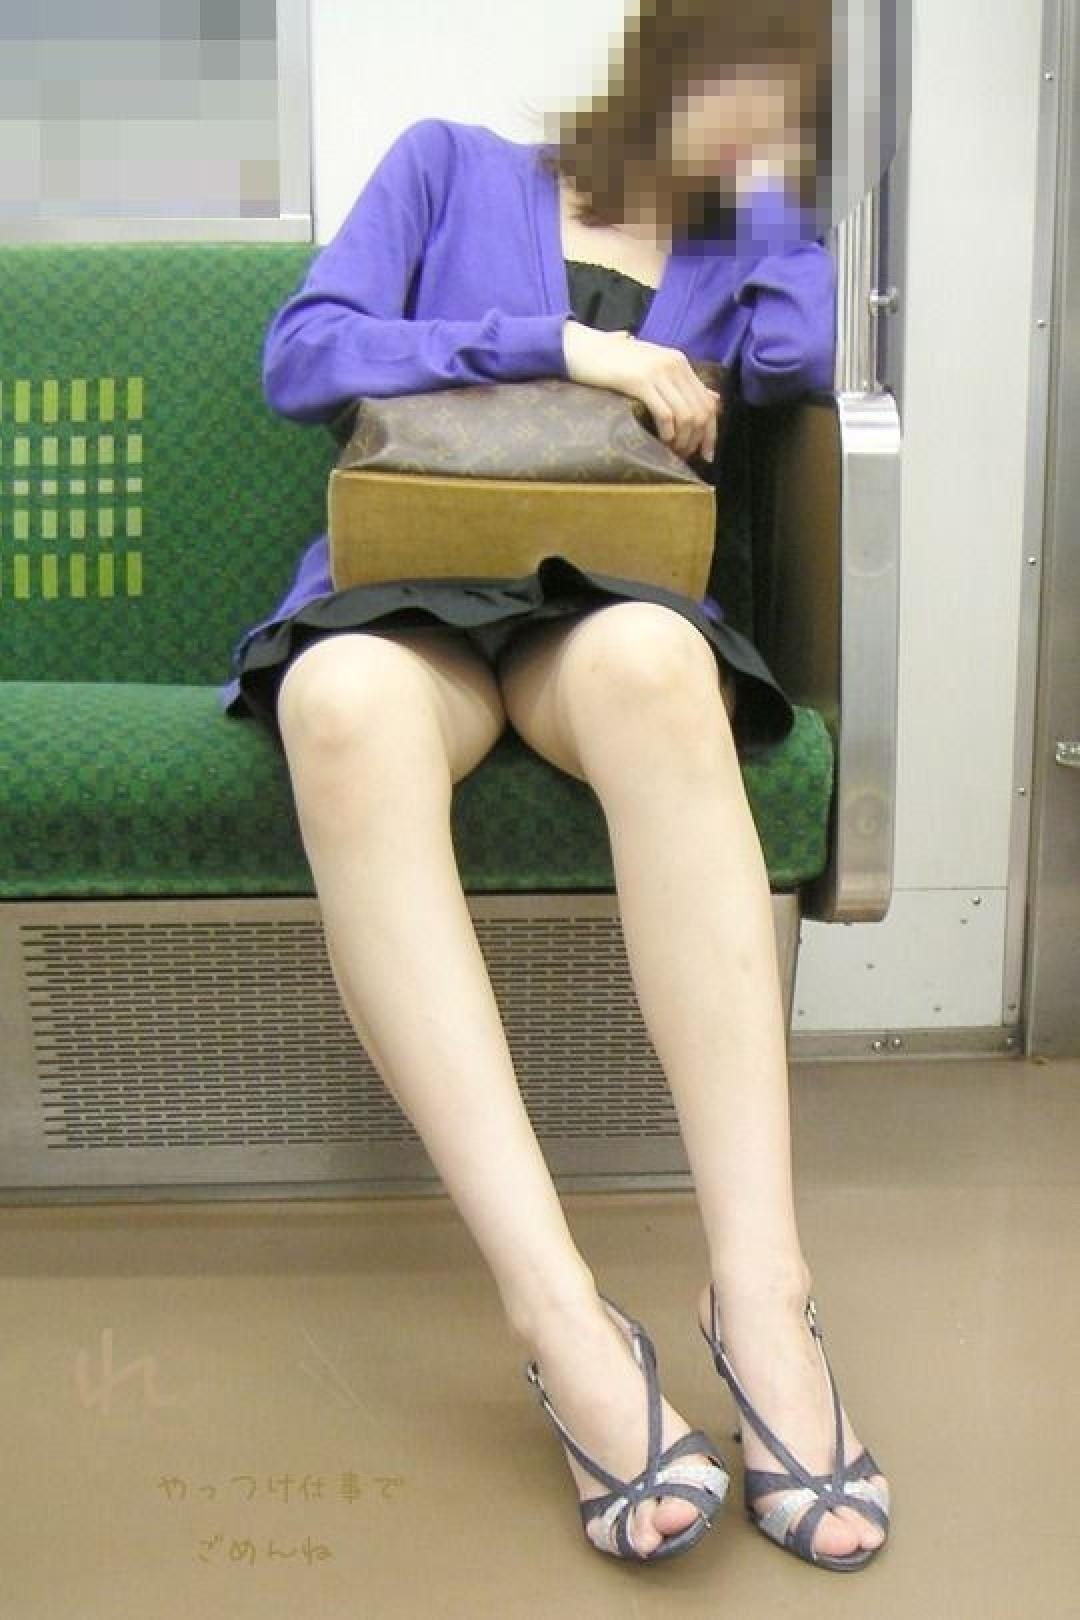 電車内の対面パンチラ画像 27